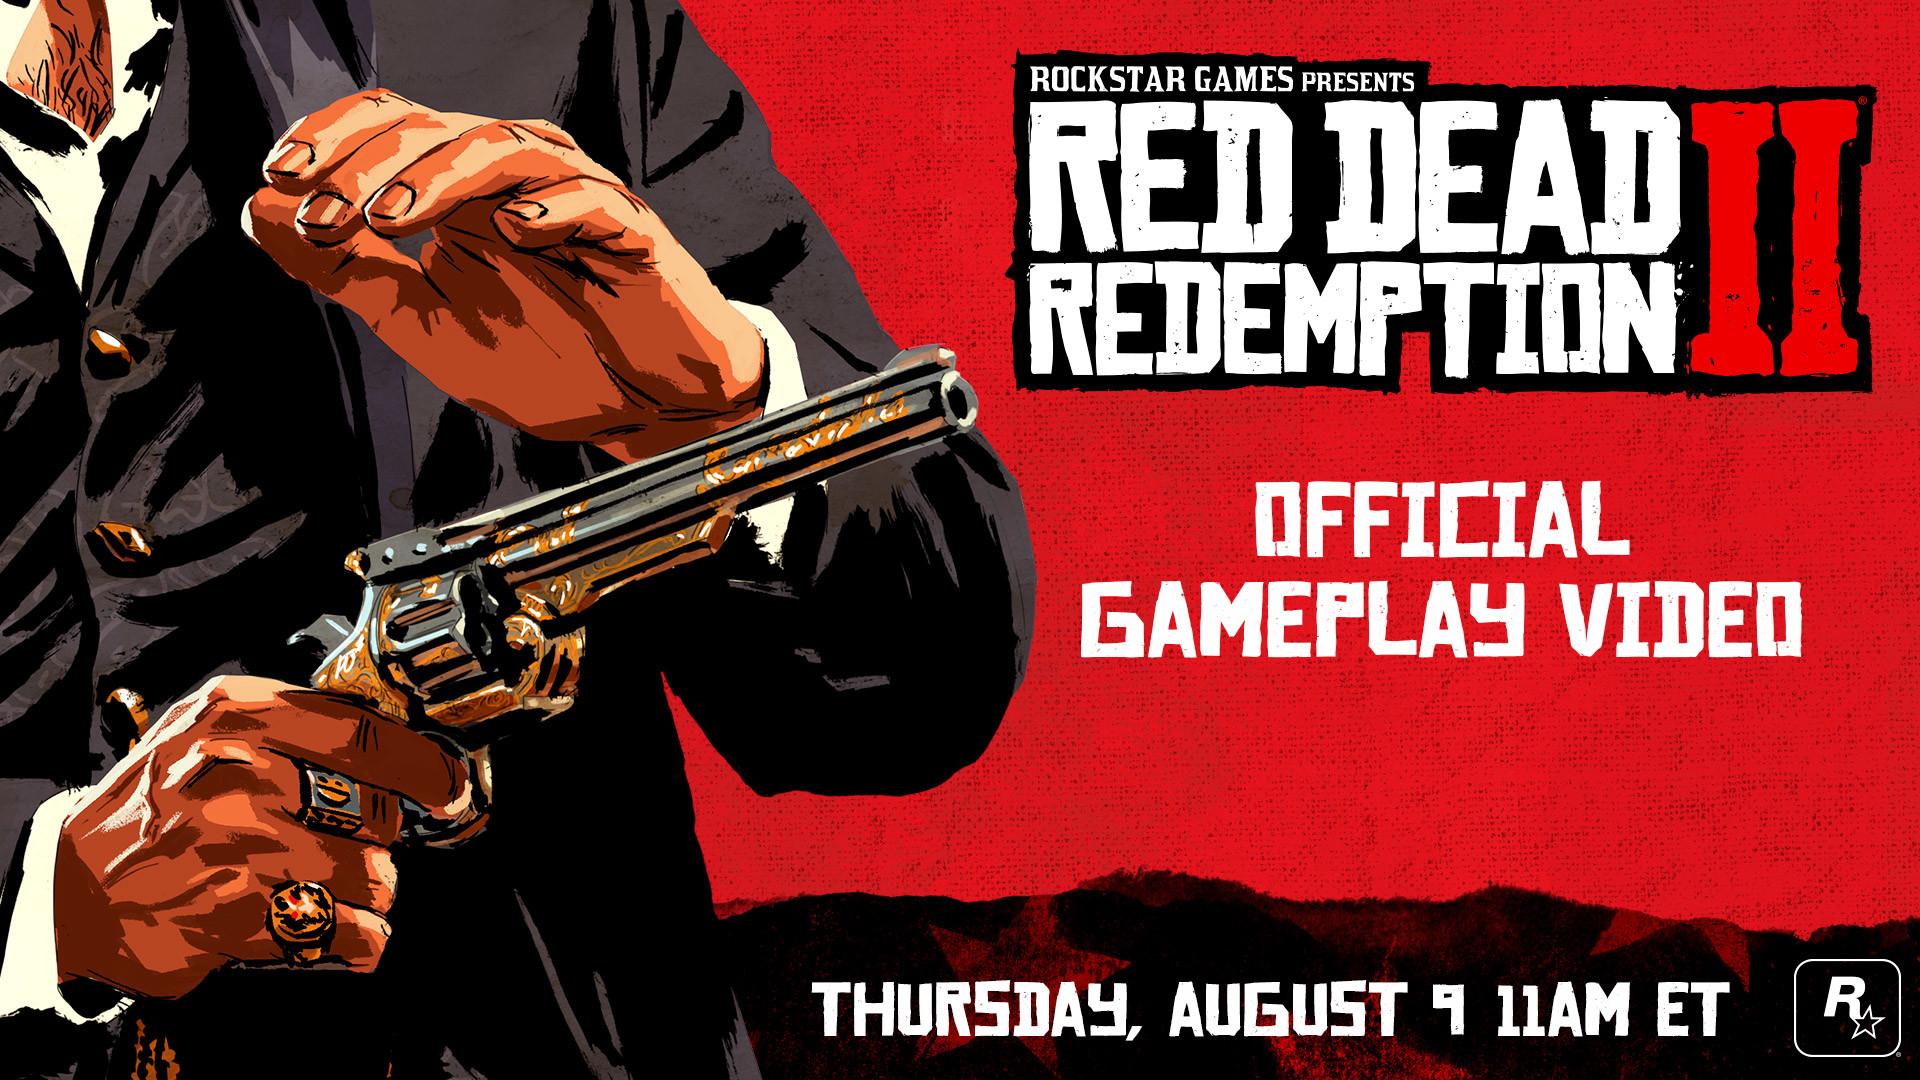 Ipad Retina Hd Wallpaper Rockstar Games: Rockstar Wallpaper HD (72+ Images